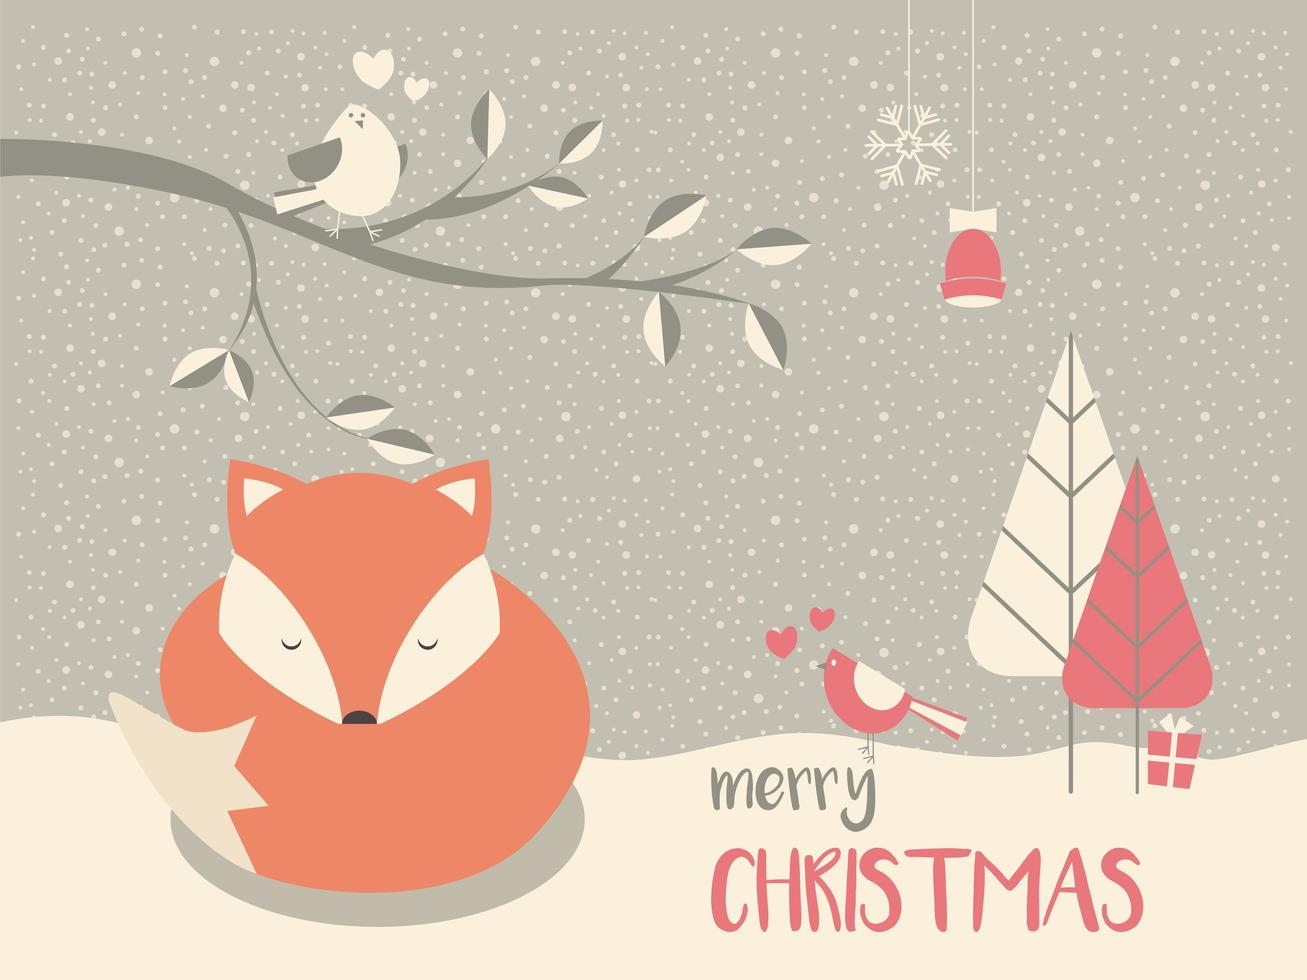 Lindo zorro bebé con sueño navideño vector